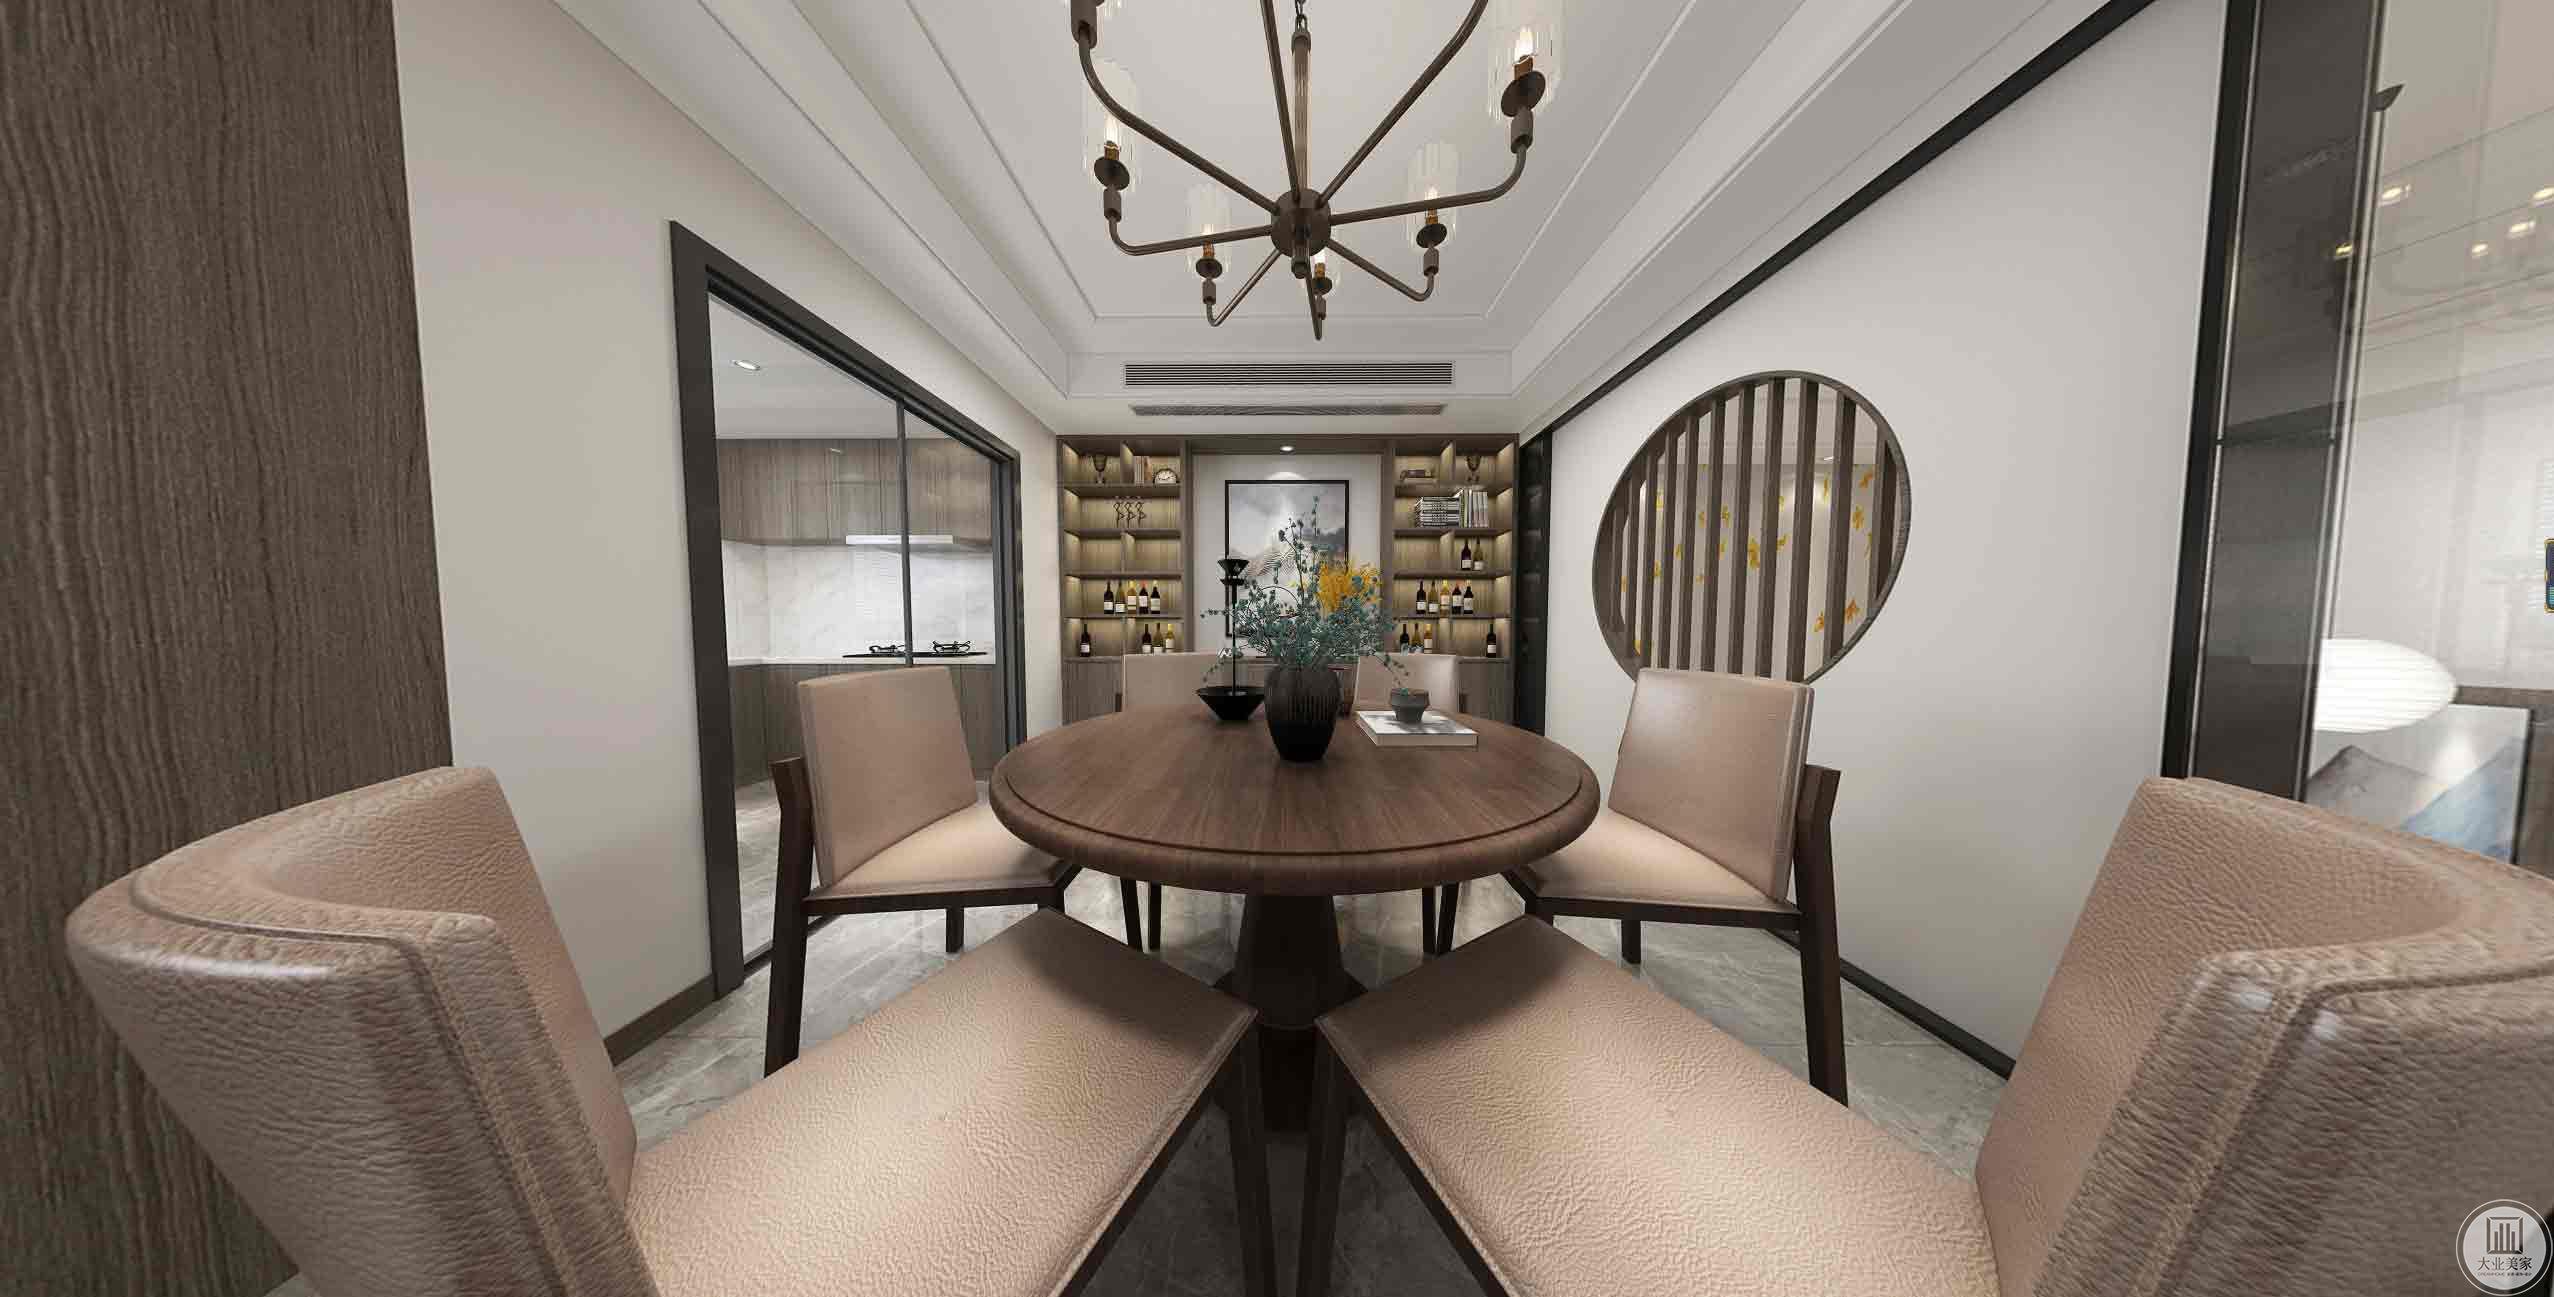 餐厅区域放了一个圆桌、岛台靠窗户做了一个操作台使空间最大利用化。灰色的木饰面使空间更加和谐。